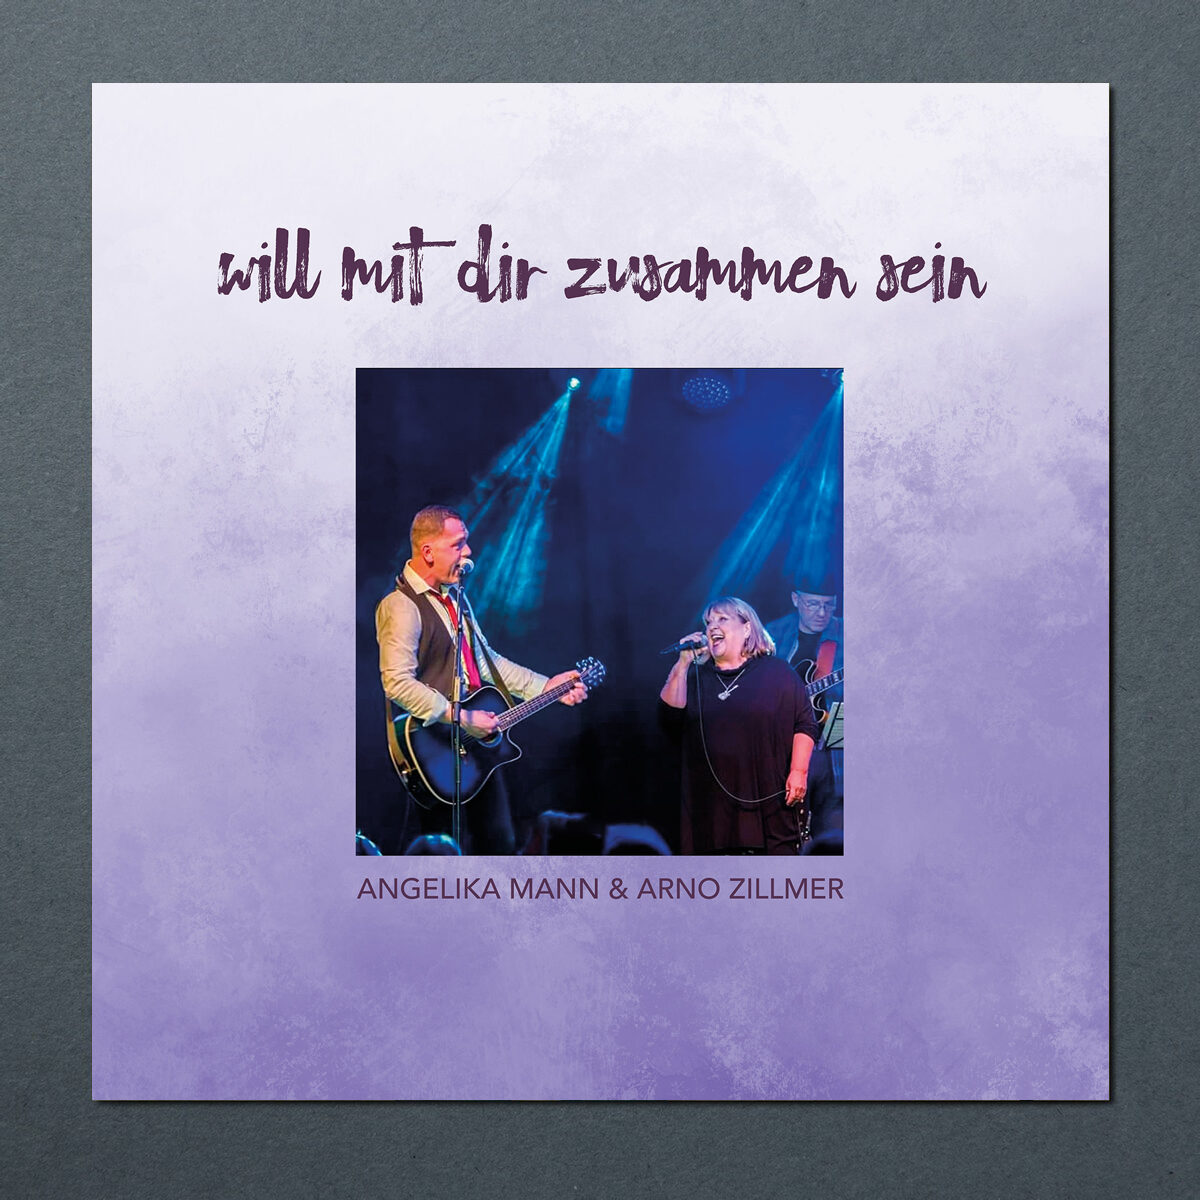 Will mit Dir zusammen sein - Angelika Mann & Arno Zillmer